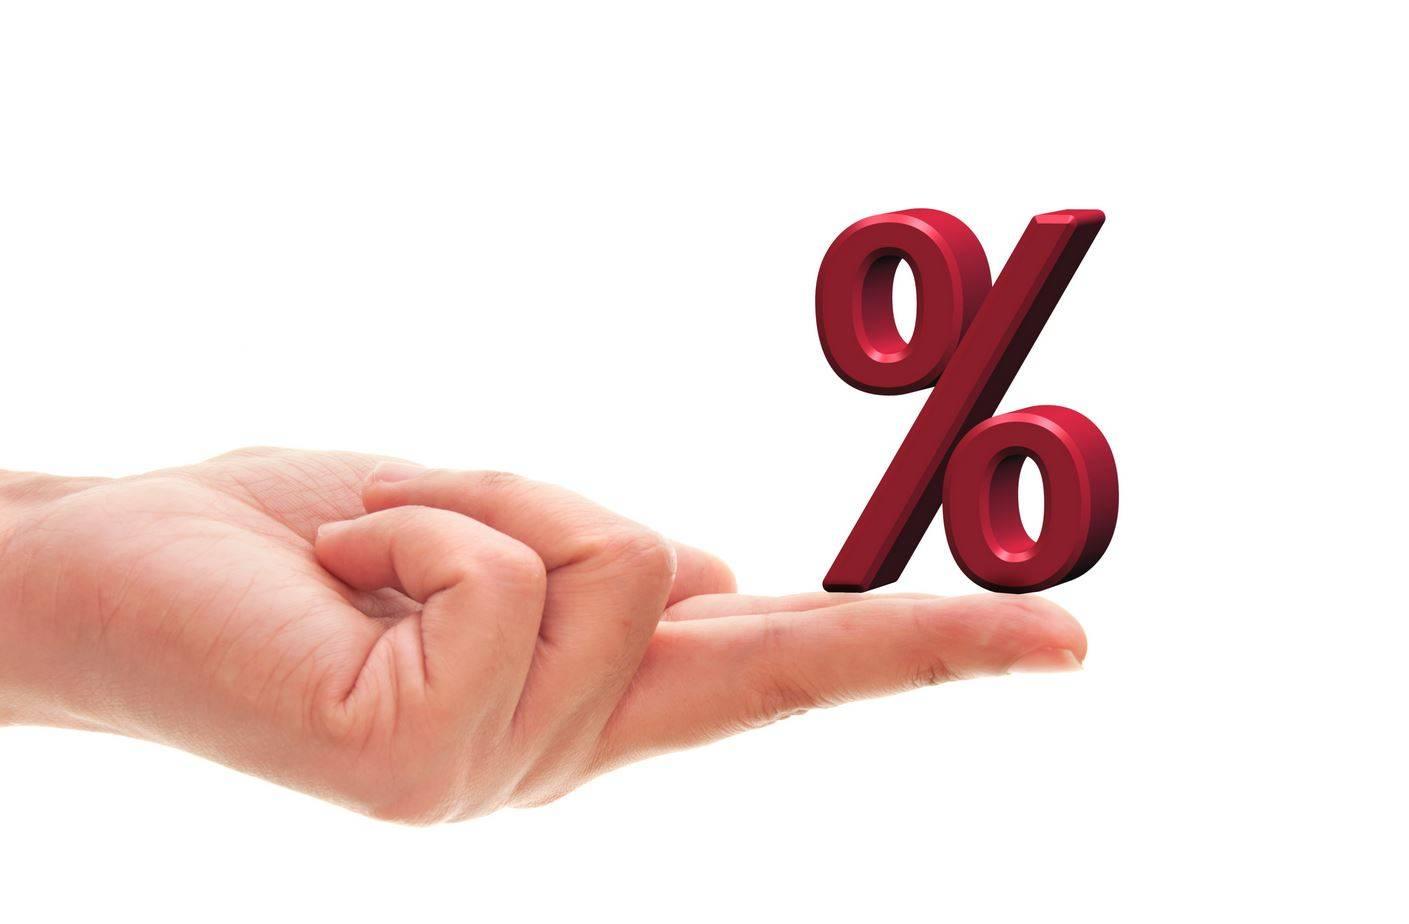 Процентная ставка при ипотечном кредитовании